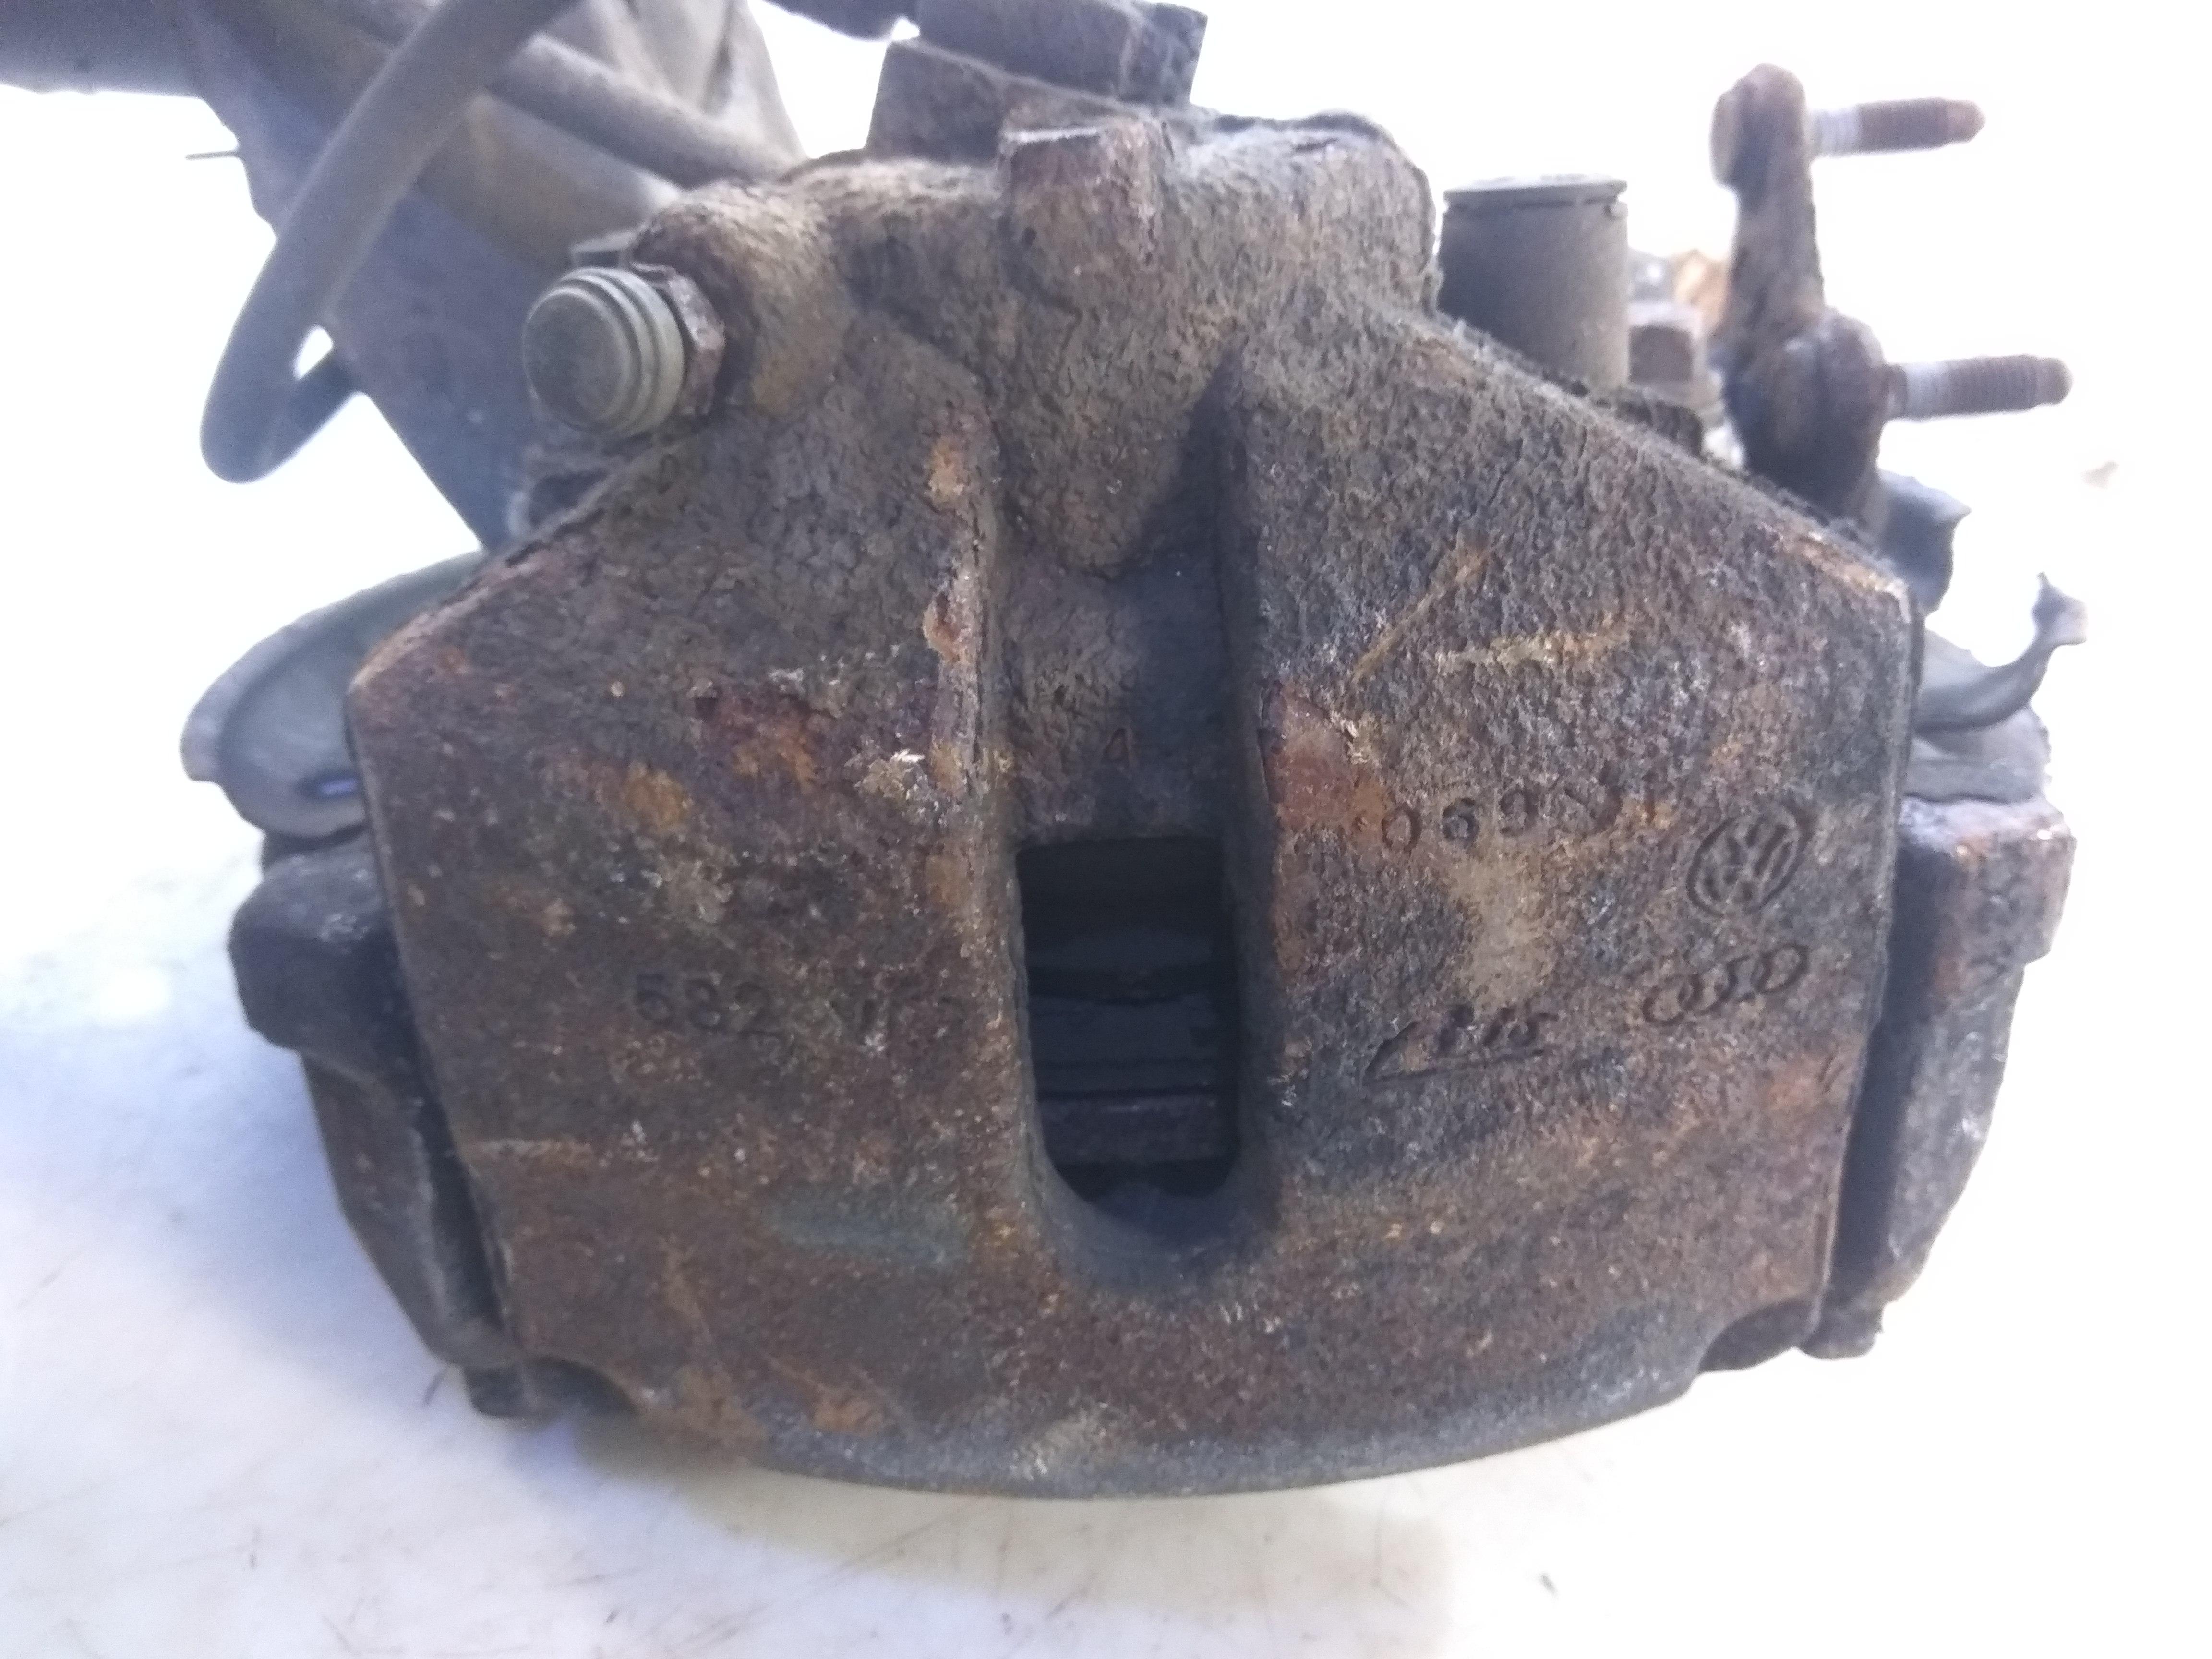 Суппорт тормозной передний правый, VOLKSWAGEN, PASSAT B7, 2011